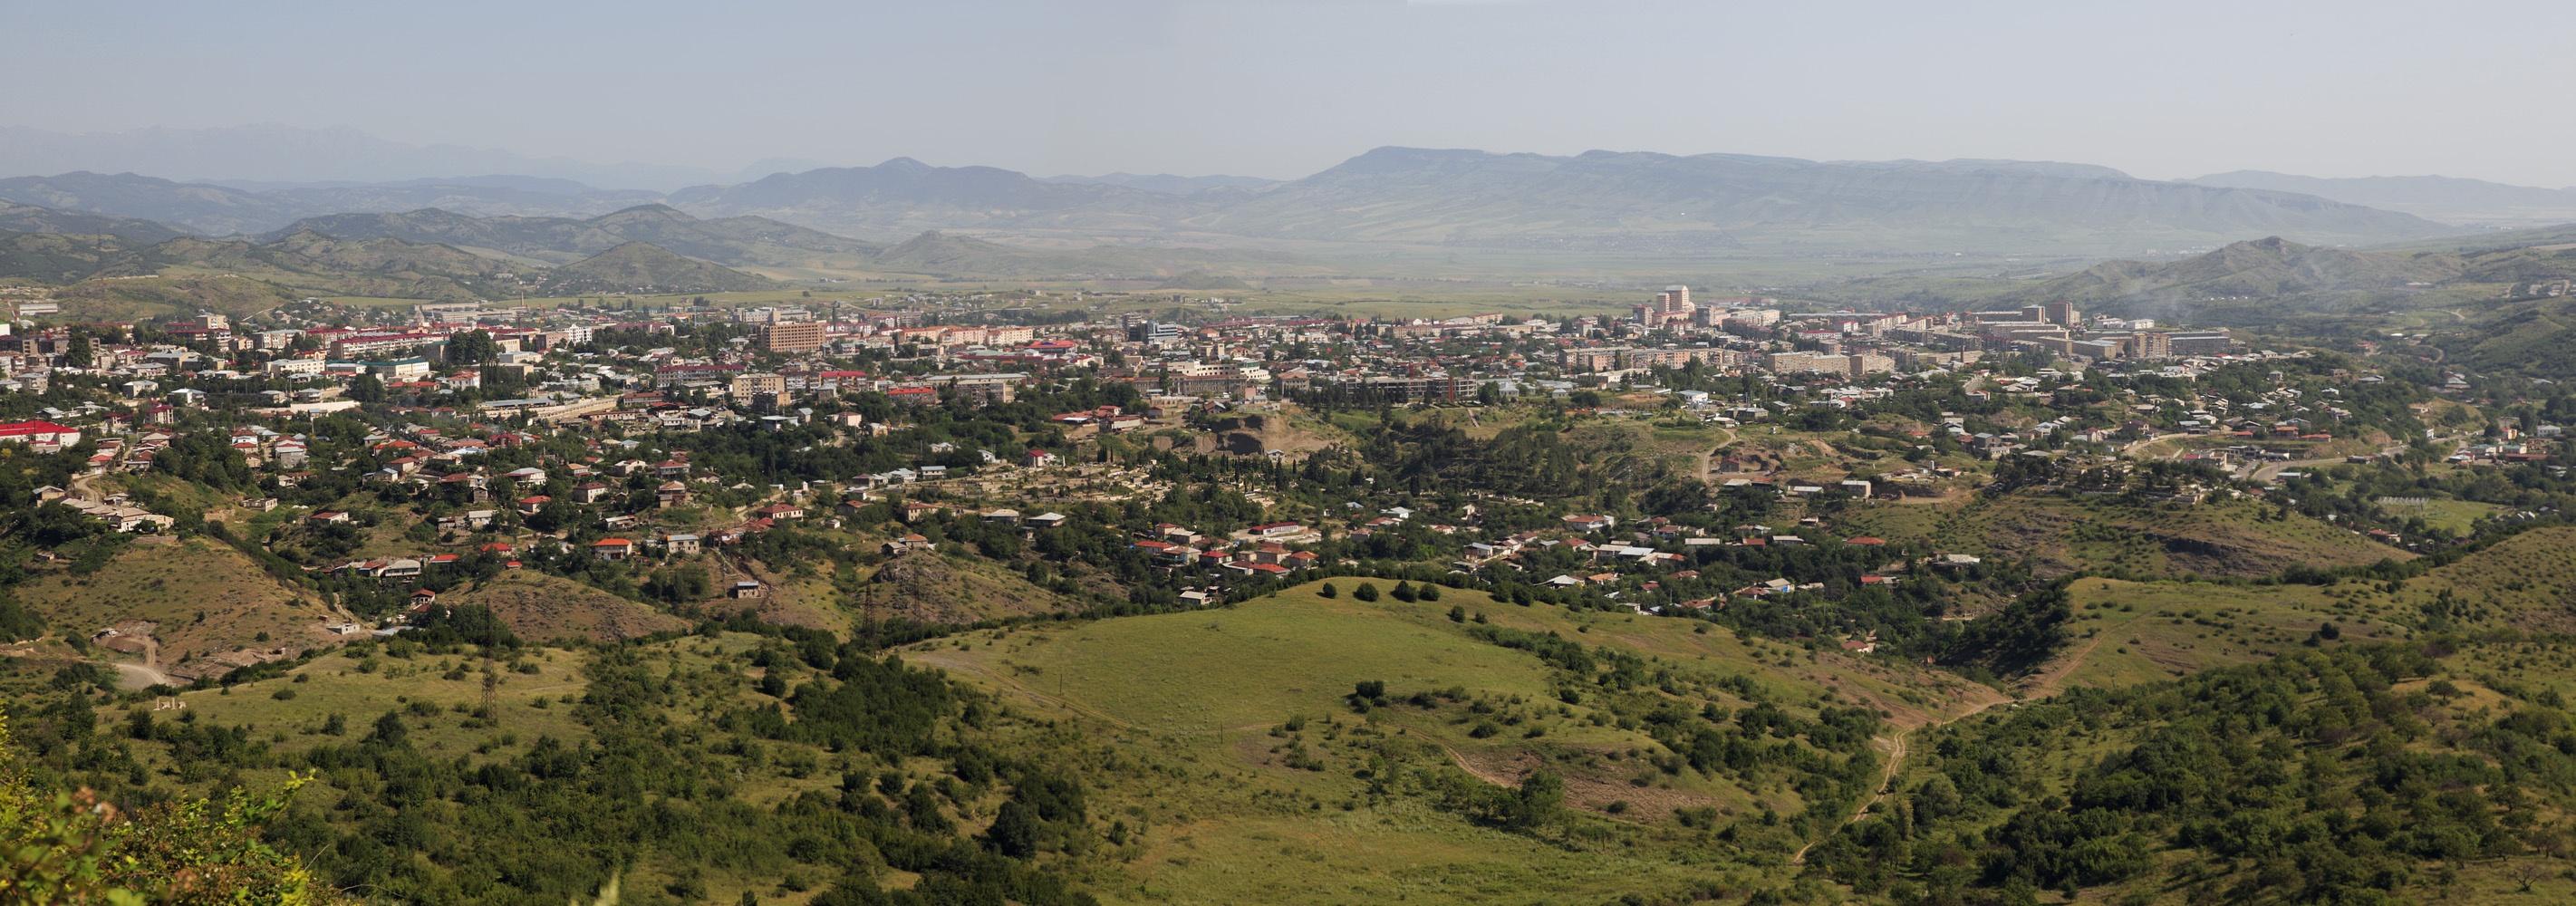 stepanakert Stepanakert,  Nagorno-Karabakh, 2013